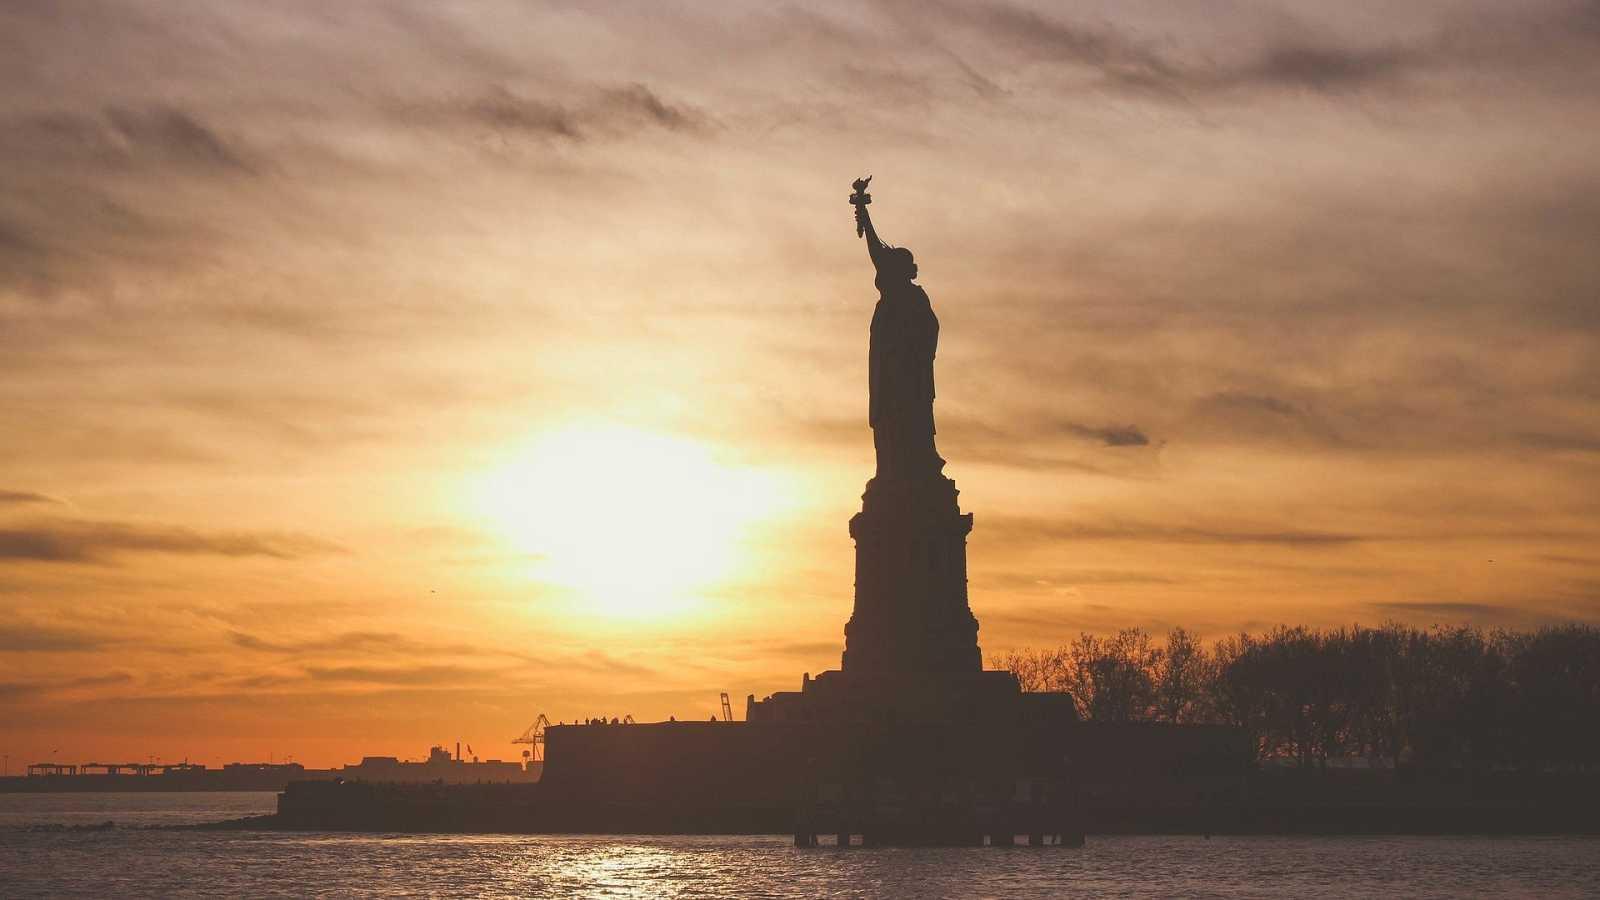 Futuro abierto - ¿Hacia dónde camina Estados Unidos? - 28/02/21 - escuchar  ahora